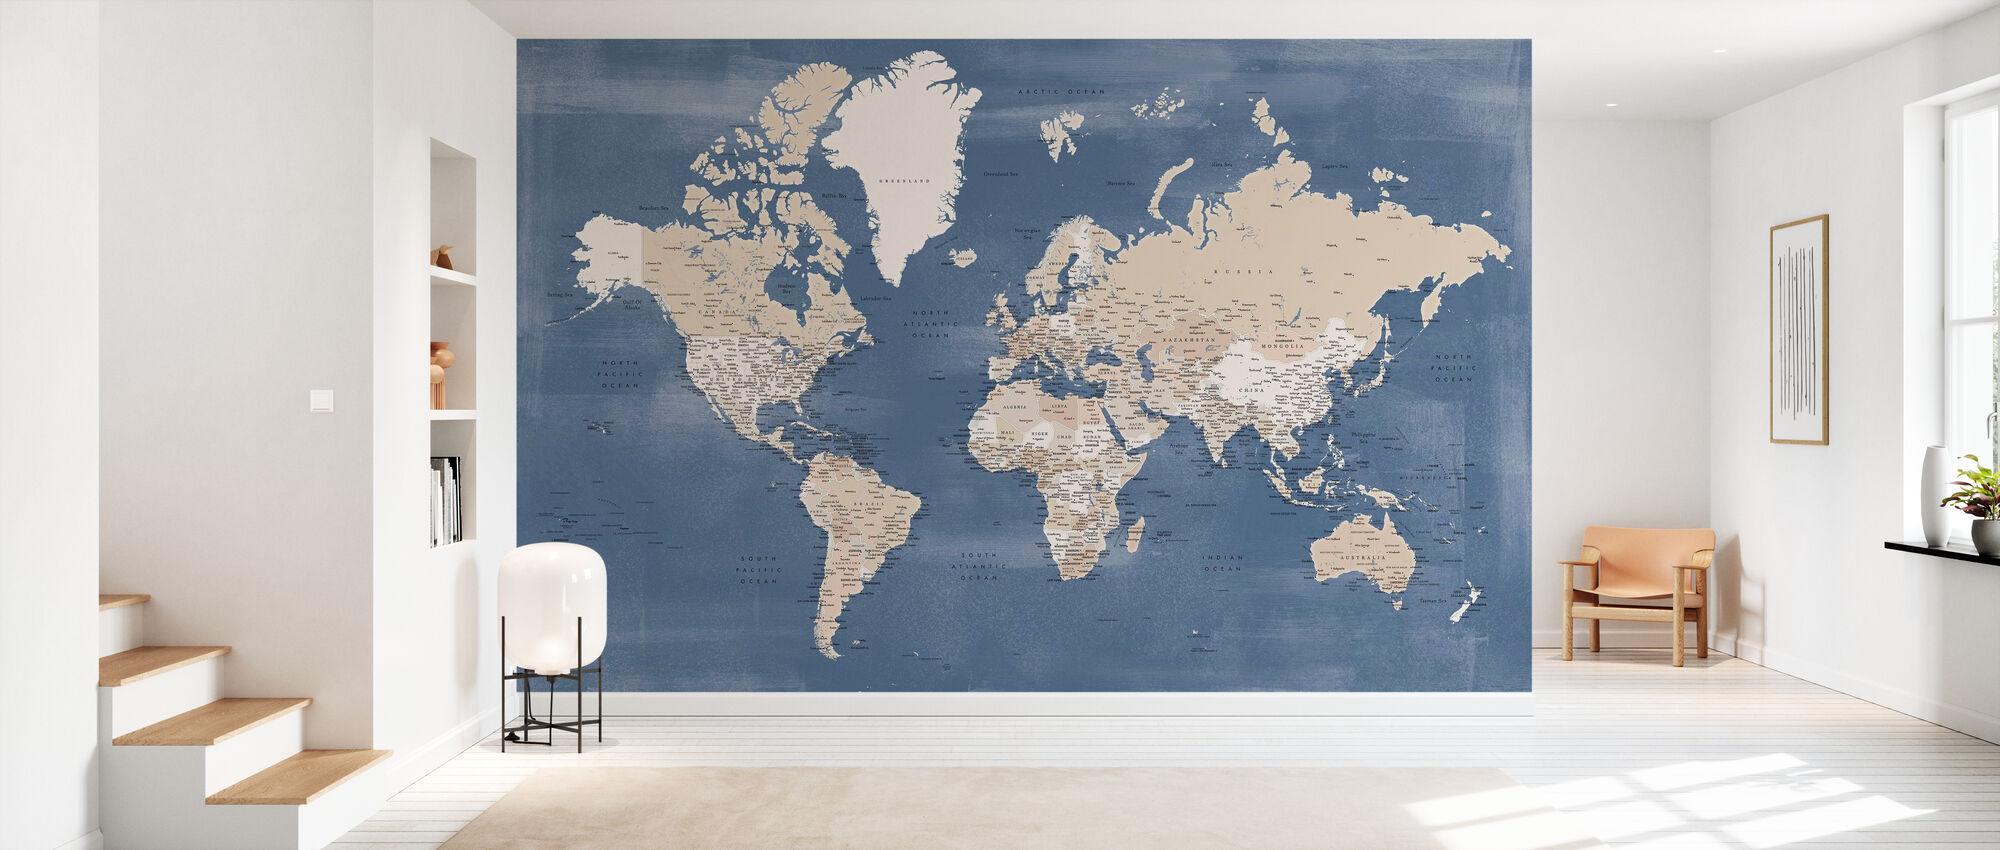 Weltkarte mit Städten - Tapete - Flur